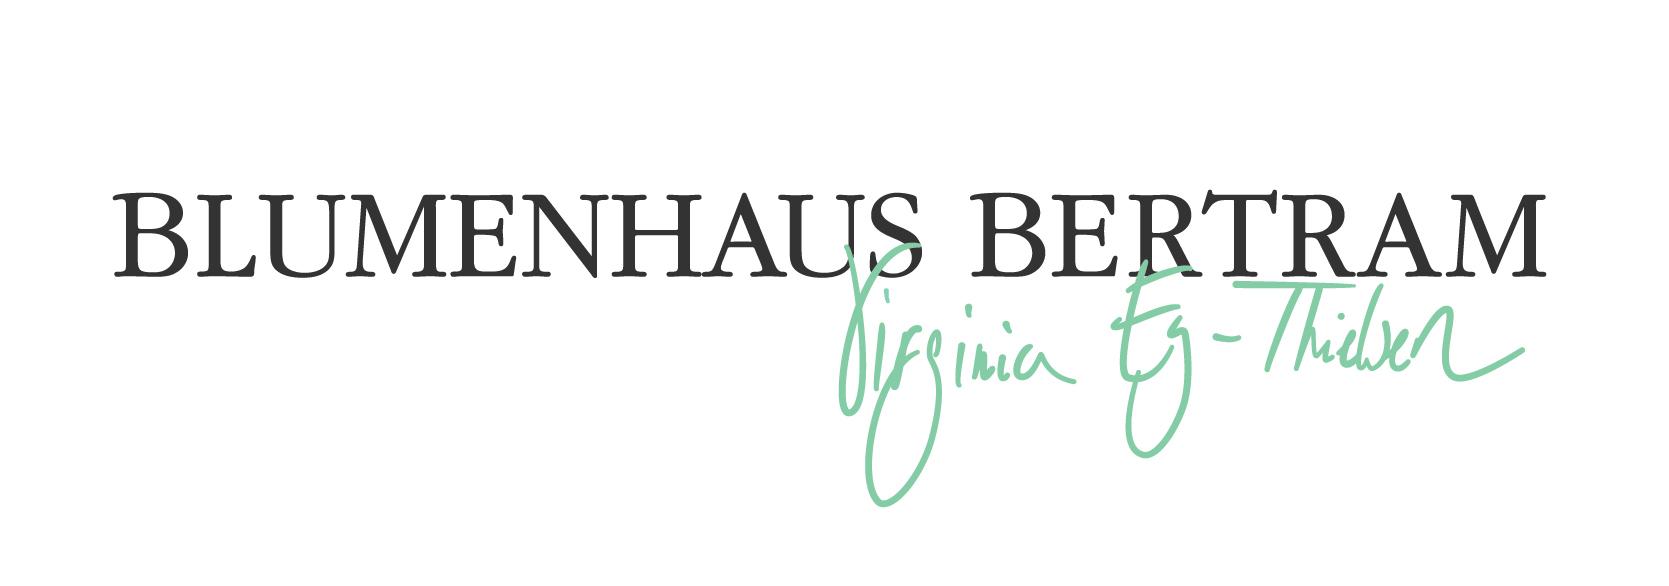 BLUMENHAUS BERTRAM